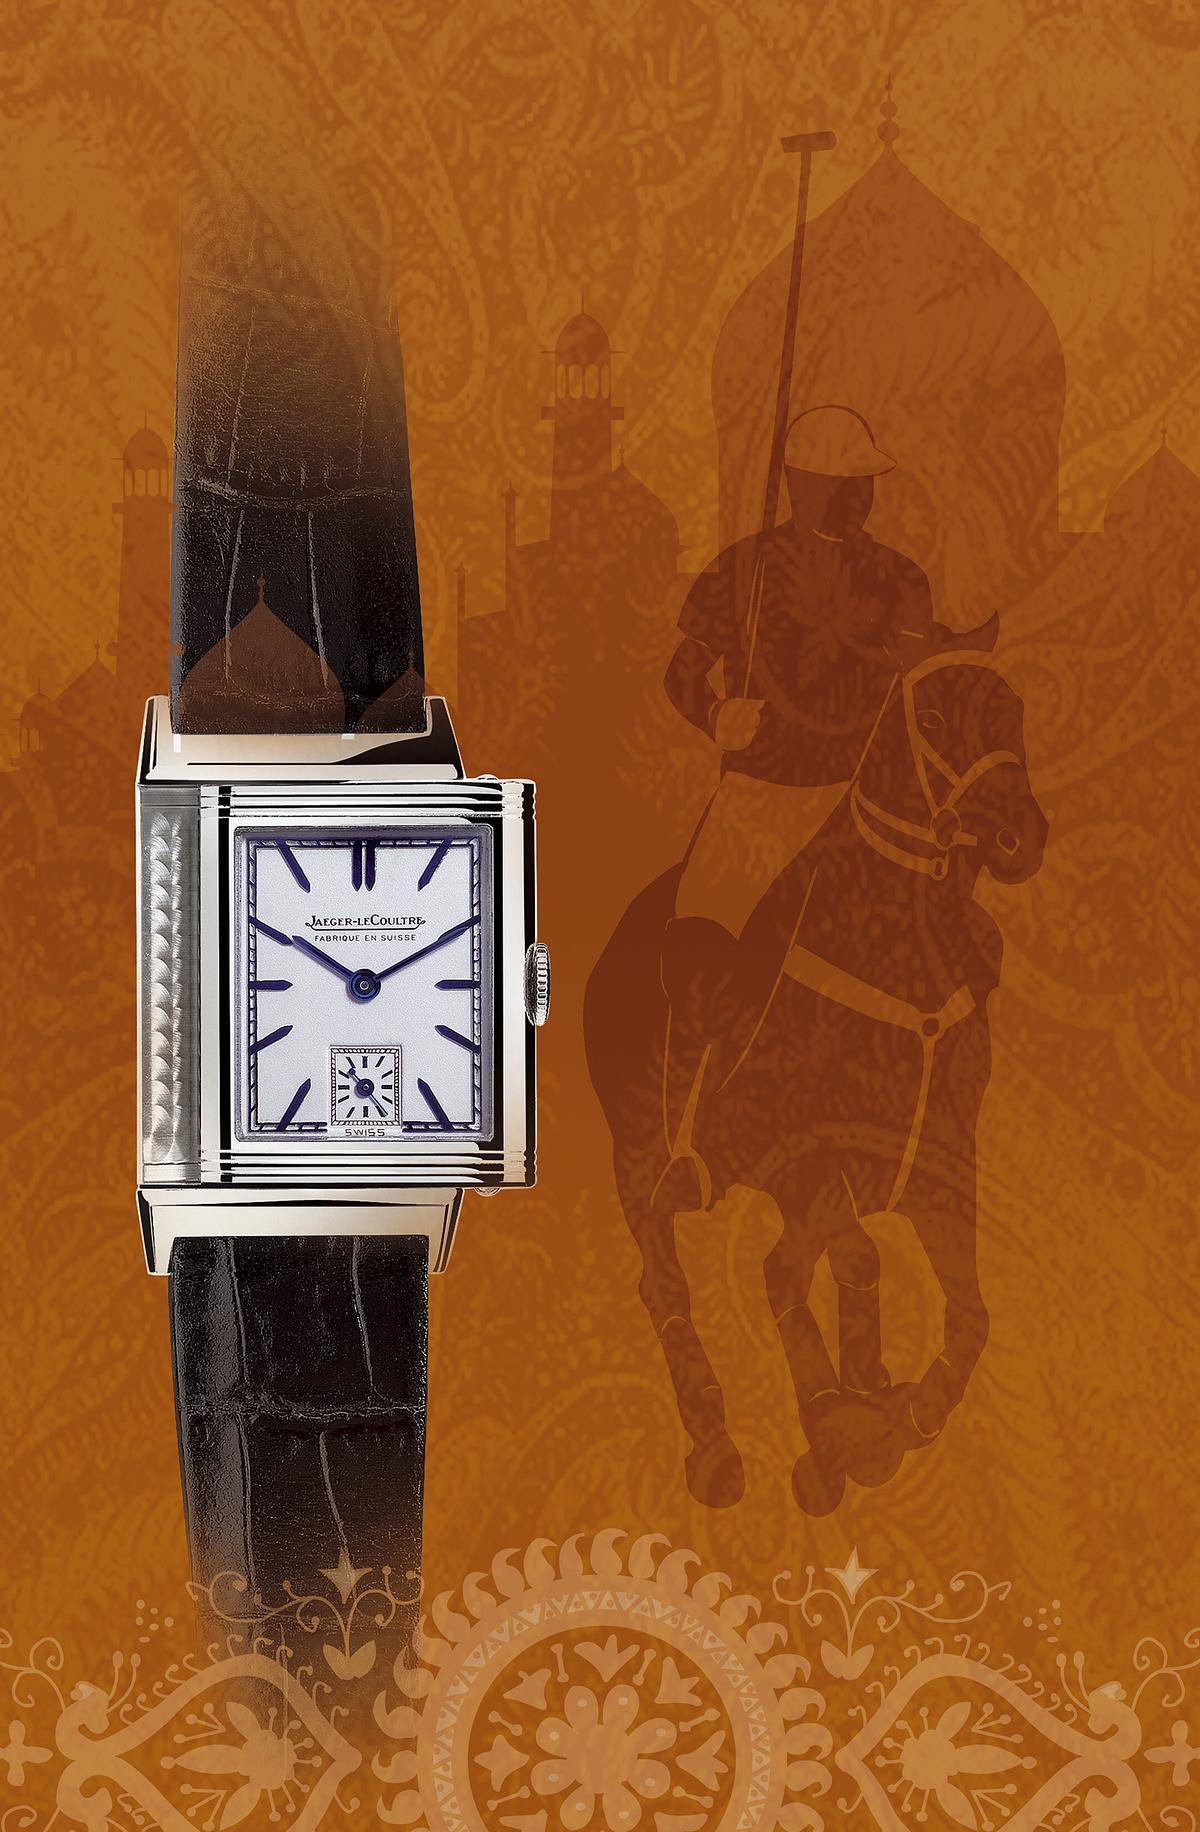 積家的「Reverso腕錶」之特翻轉設計,其實來自於1931年英國駐印度軍官打馬球時的特殊需求。